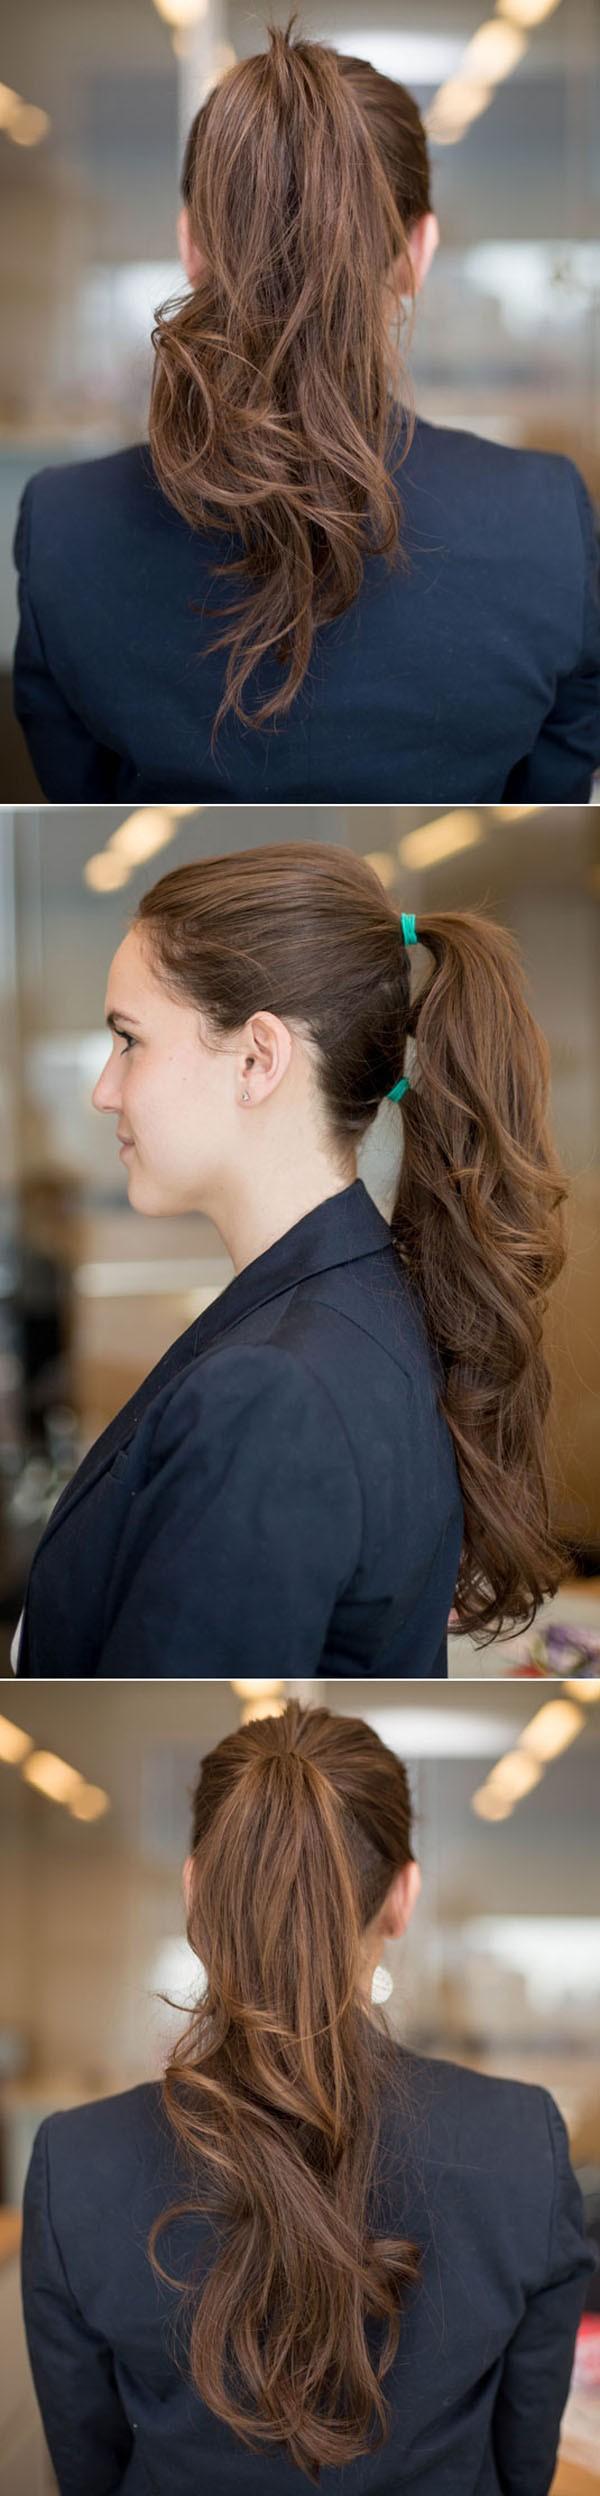 24 mẹo nhỏ thay đổi hoàn toàn công cuộc làm tóc hàng ngày 17